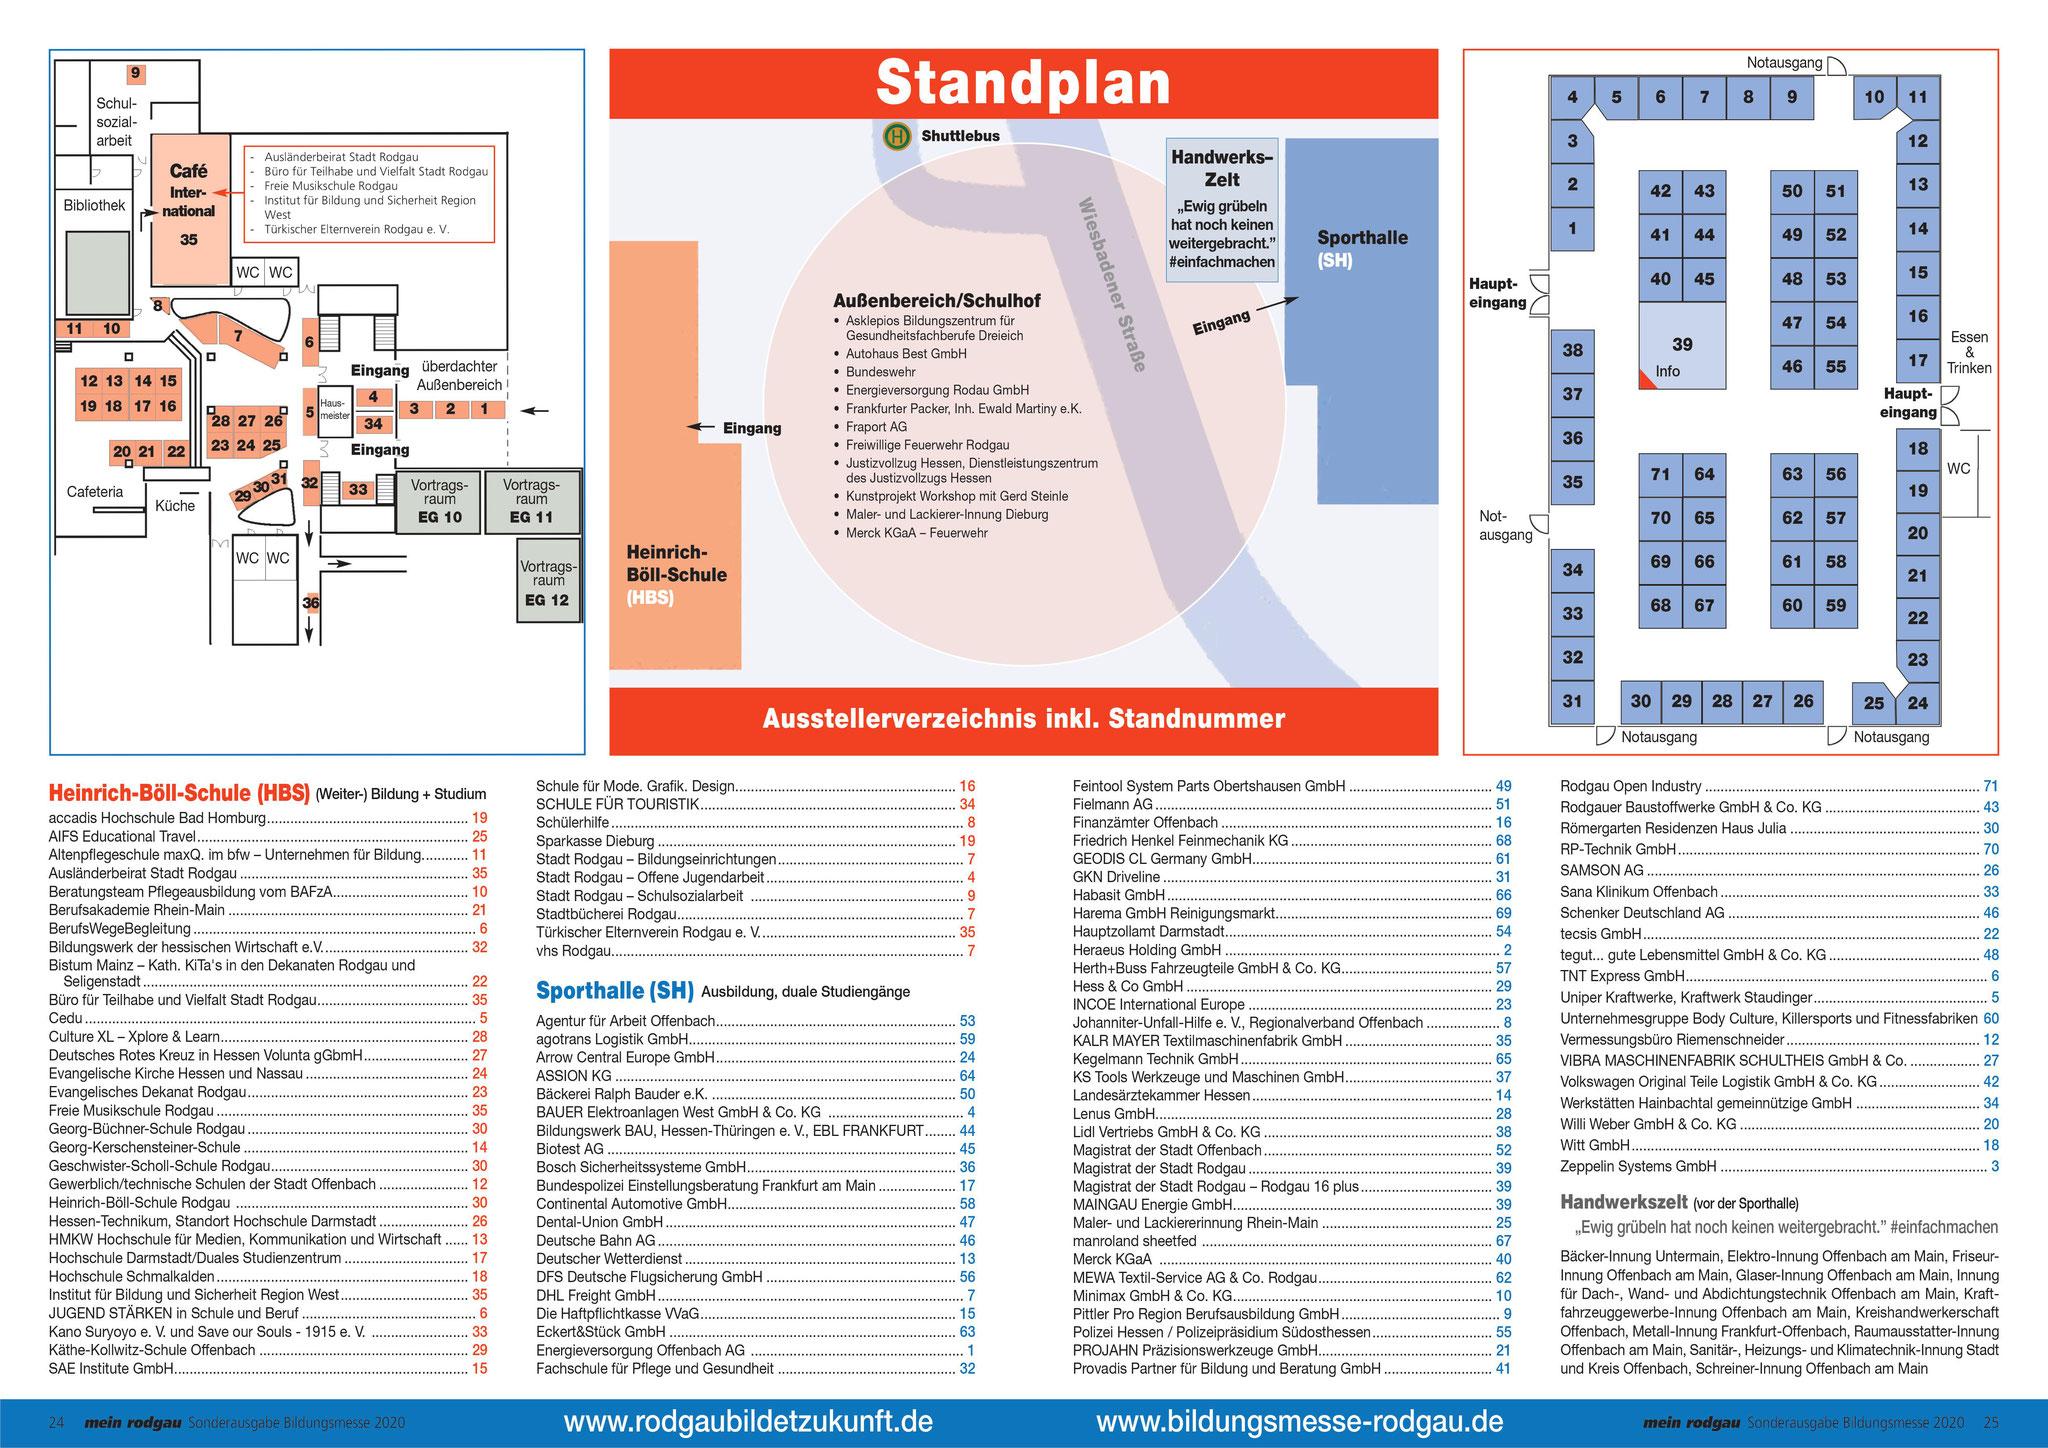 Standplan der Bildungsmesse Rodgau 2020. Wir waren im Außenbereich zu finden.